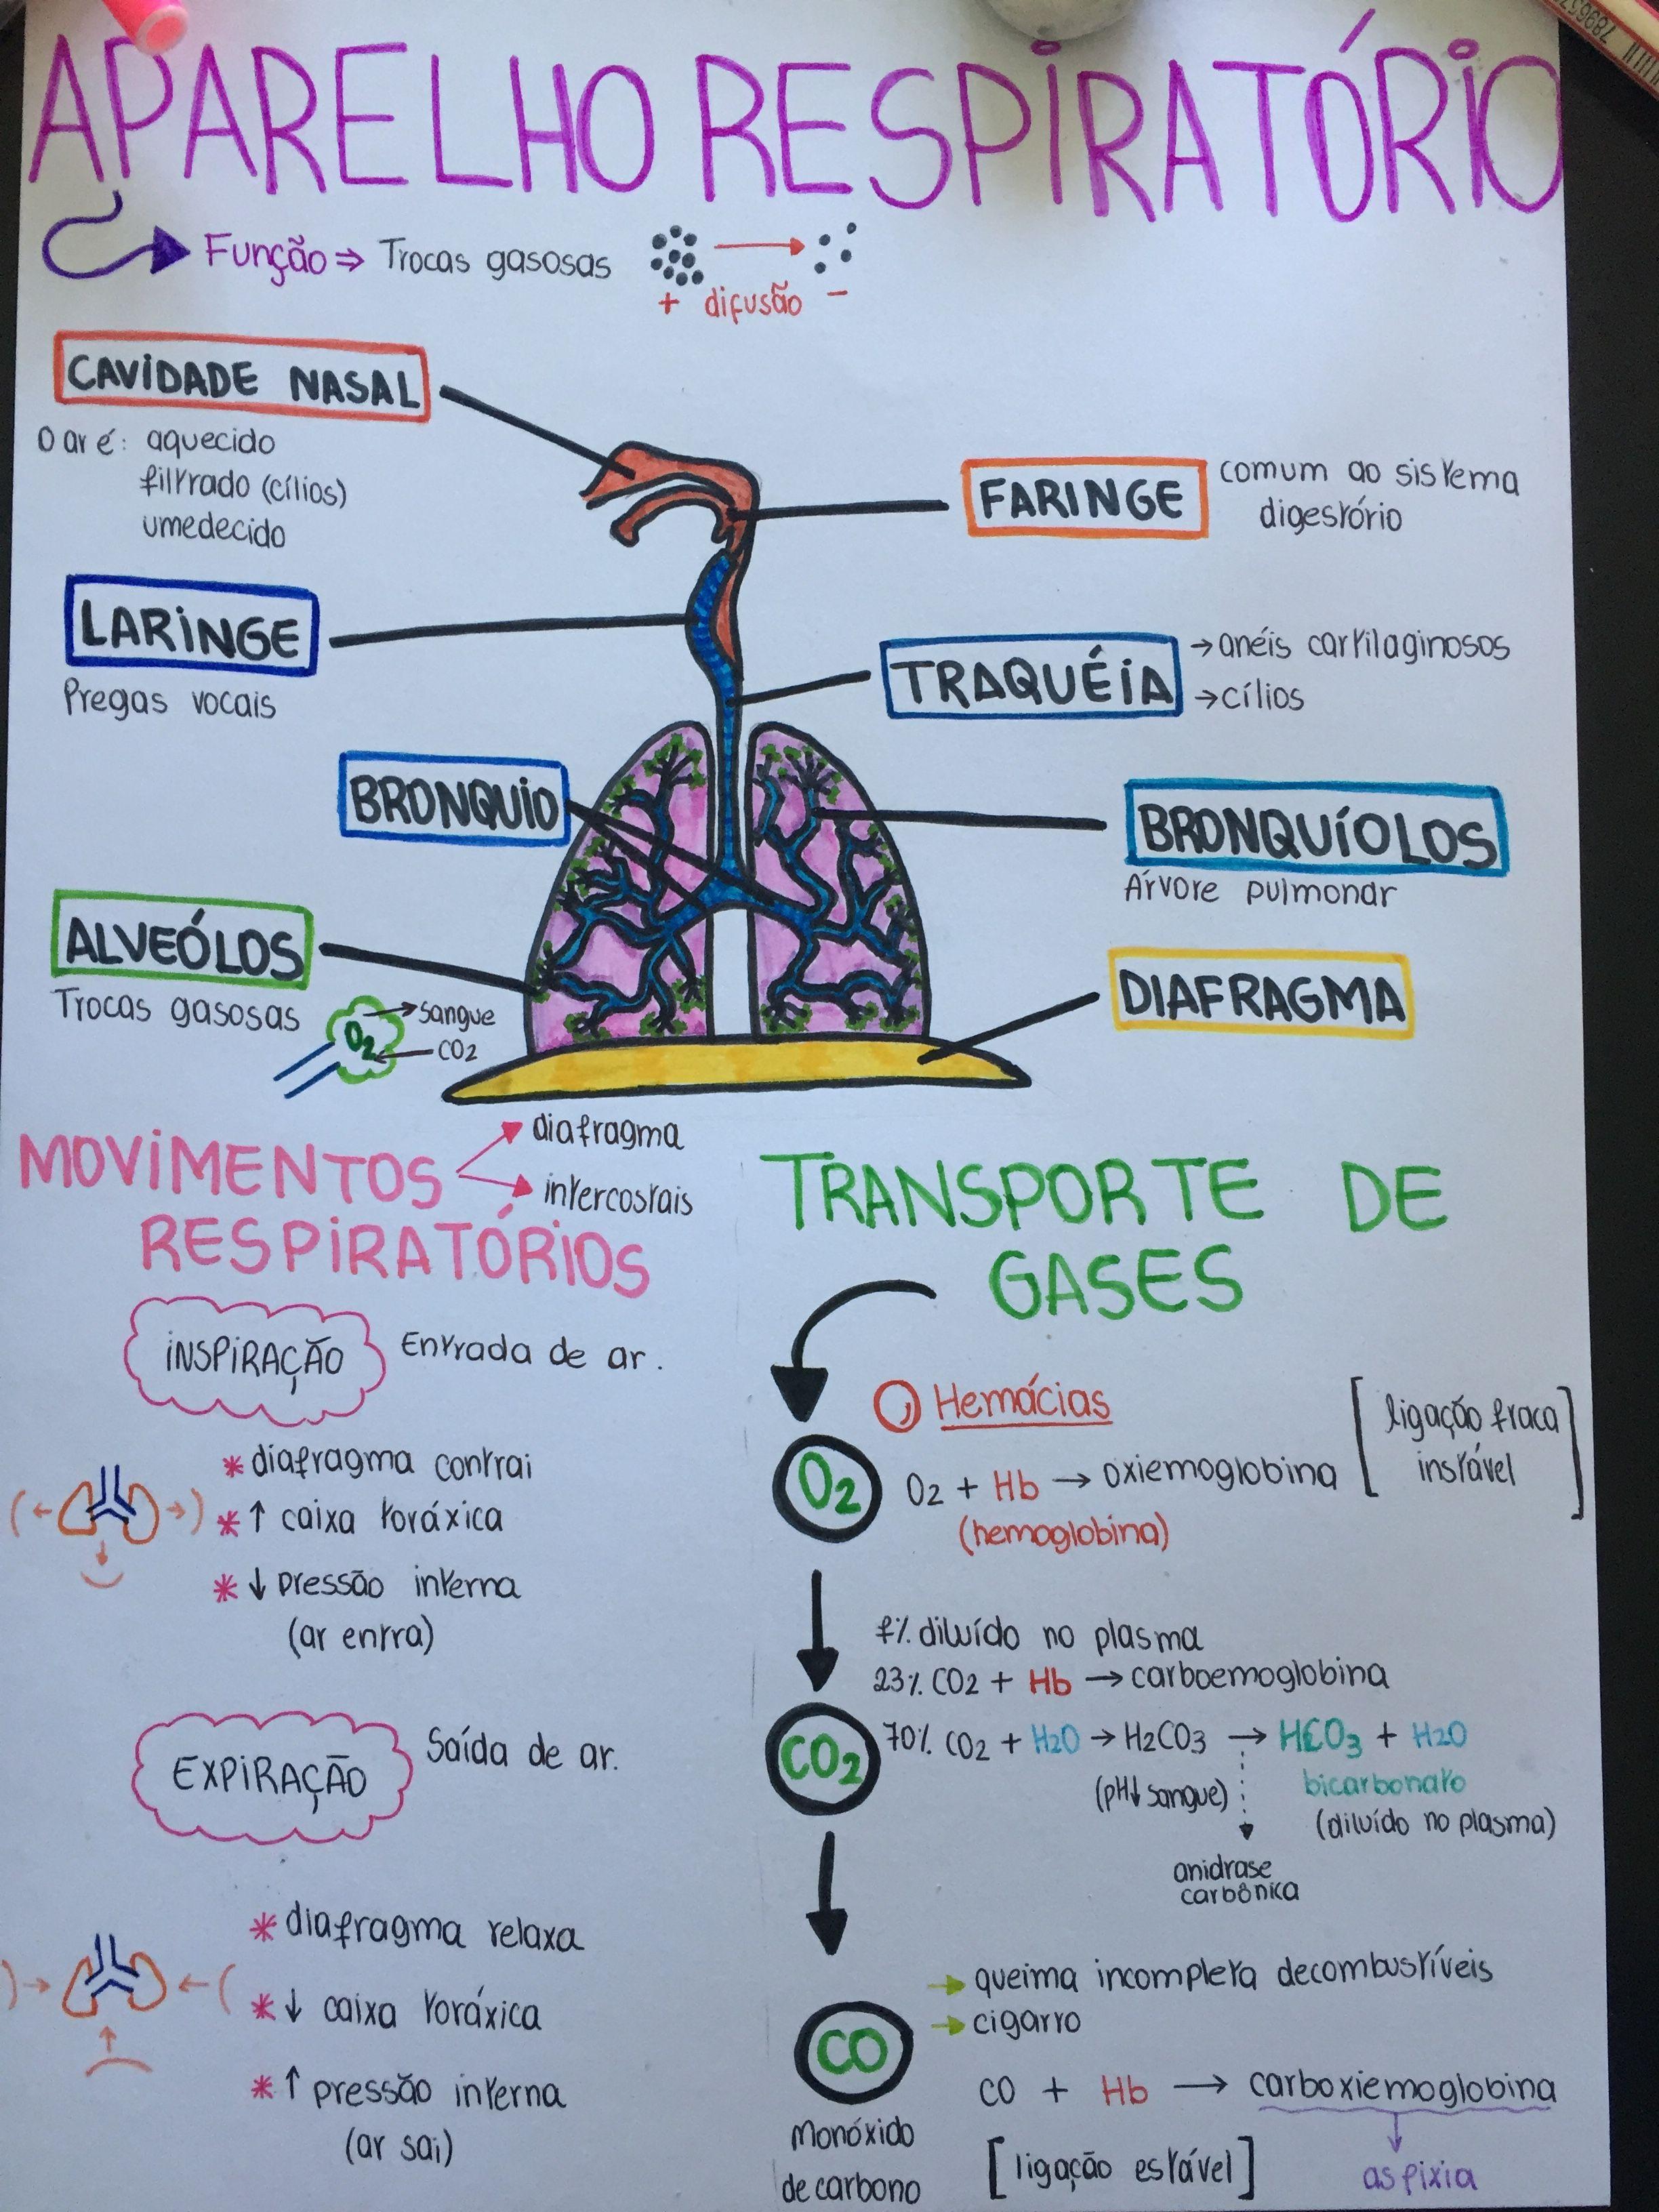 BIO - Aparelho Respiratório | Imprimir | Pinterest | Biología ...